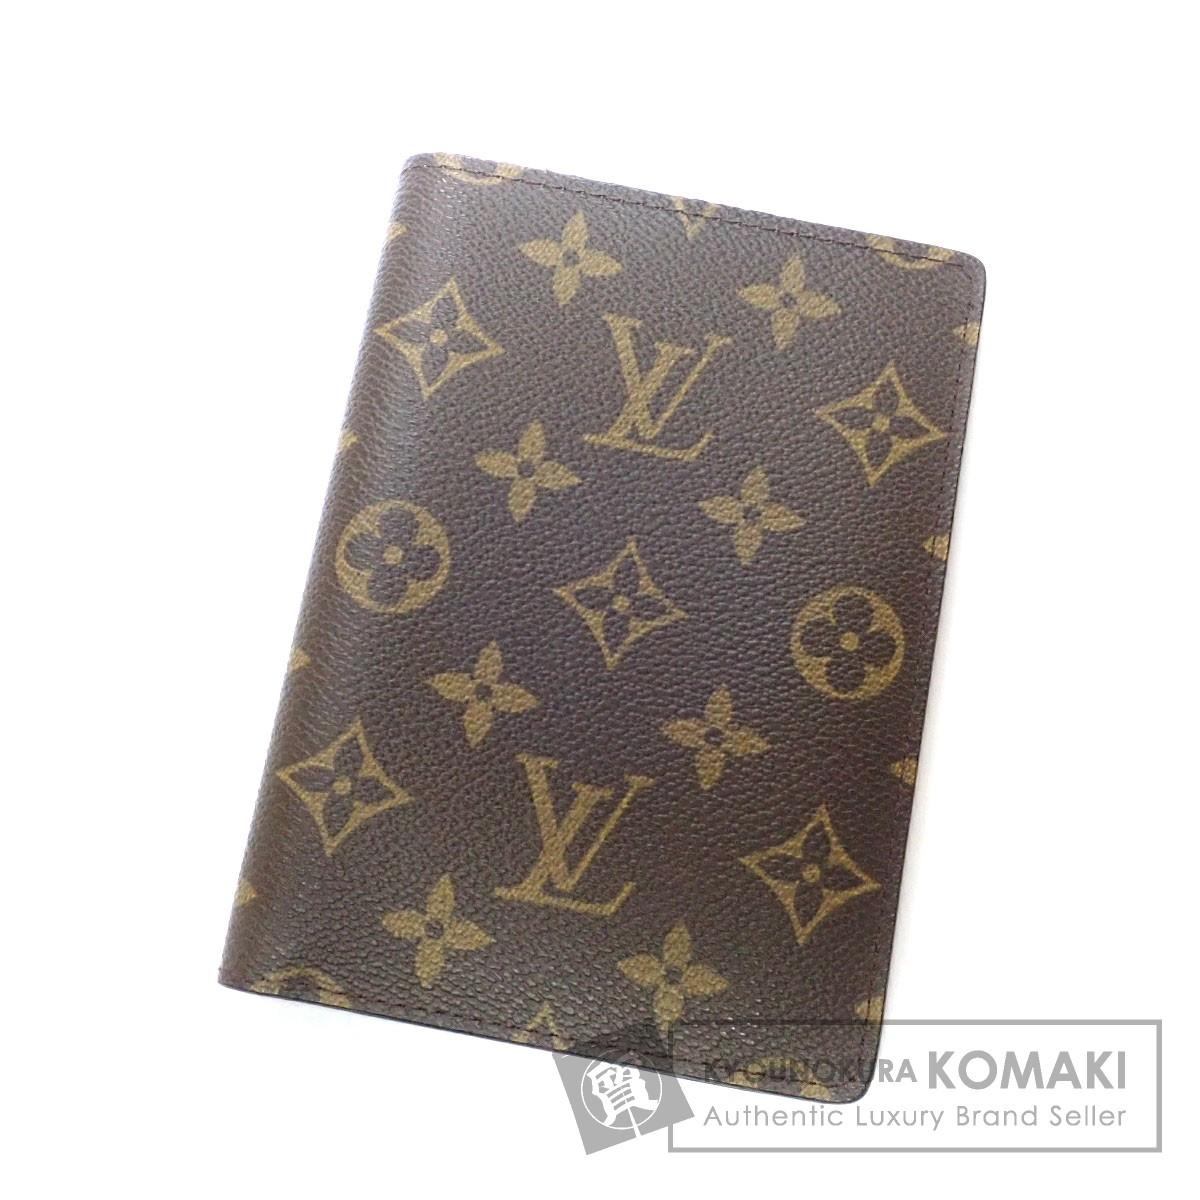 LOUIS VUITTON M61343 証明書ケース 二つ折り財布(小銭入れなし) モノグラムキャンバス ユニセックス 【中古】【ルイ・ヴィトン】